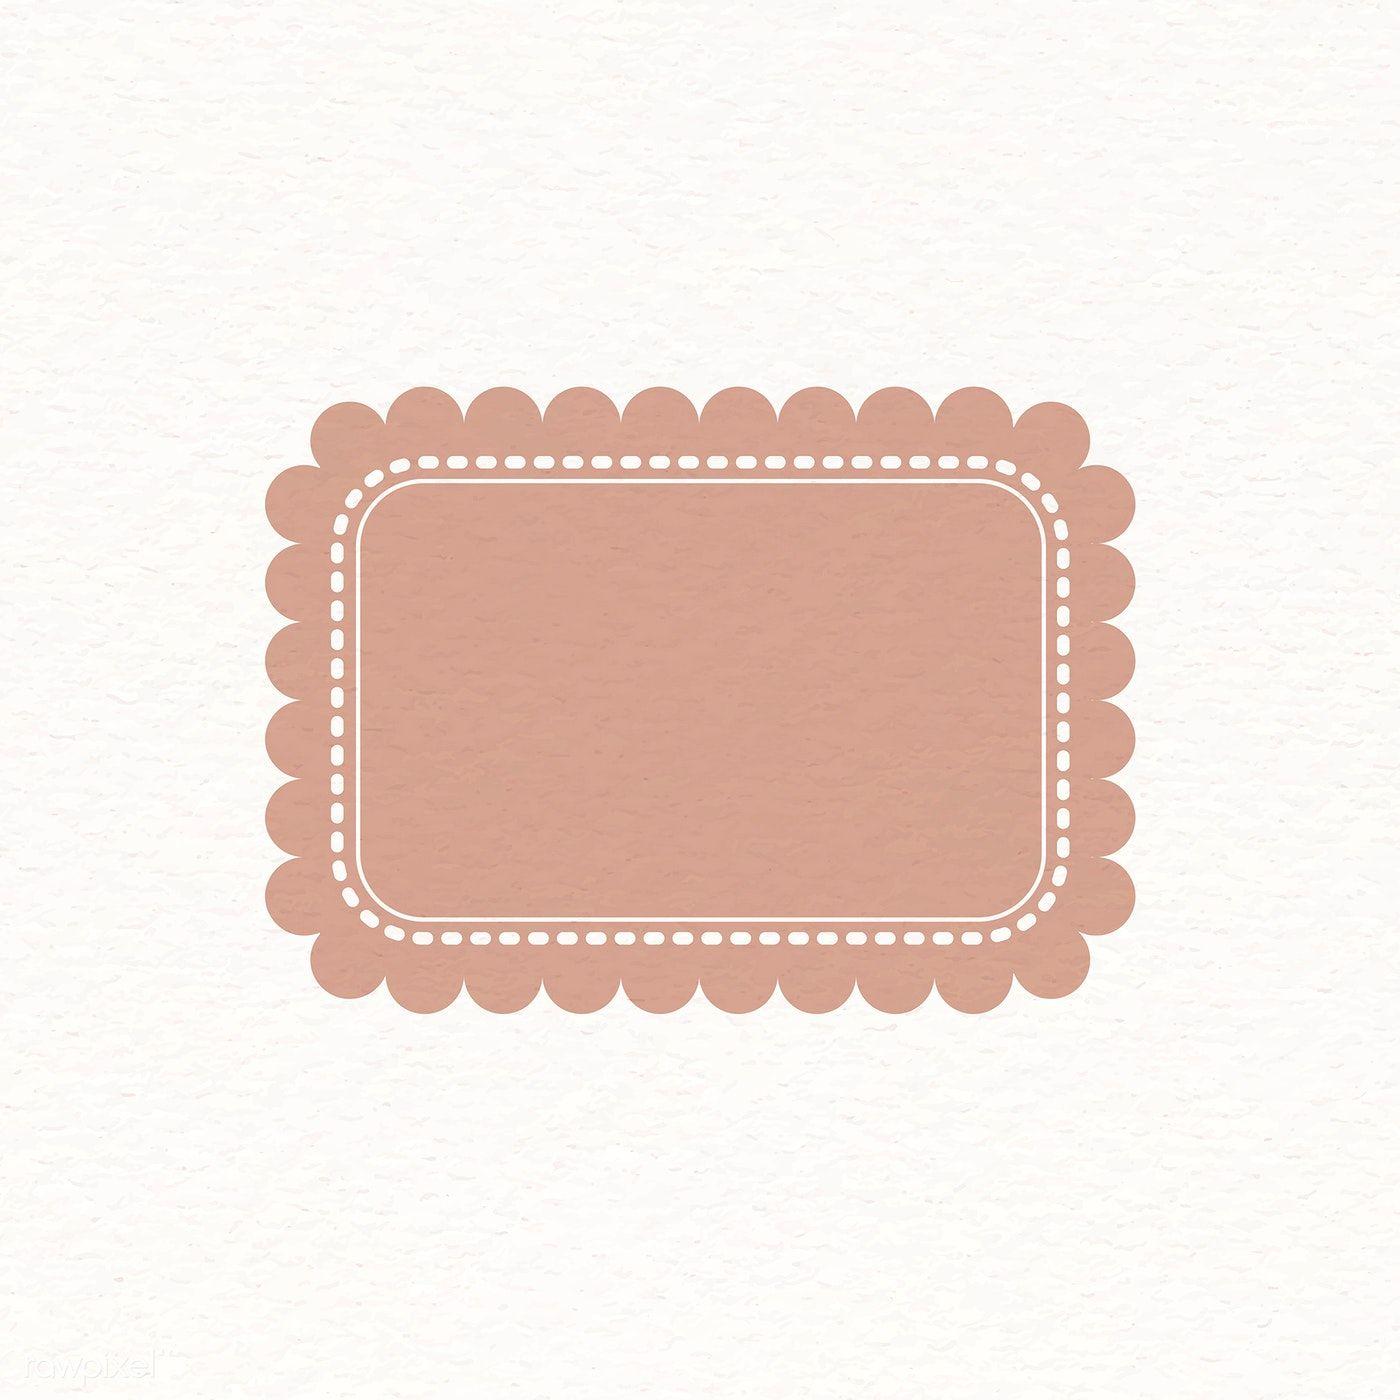 Brown Vintage Label Design Vector Free Image By Rawpixel Com Wan Vector Free Label Design Vintage Labels